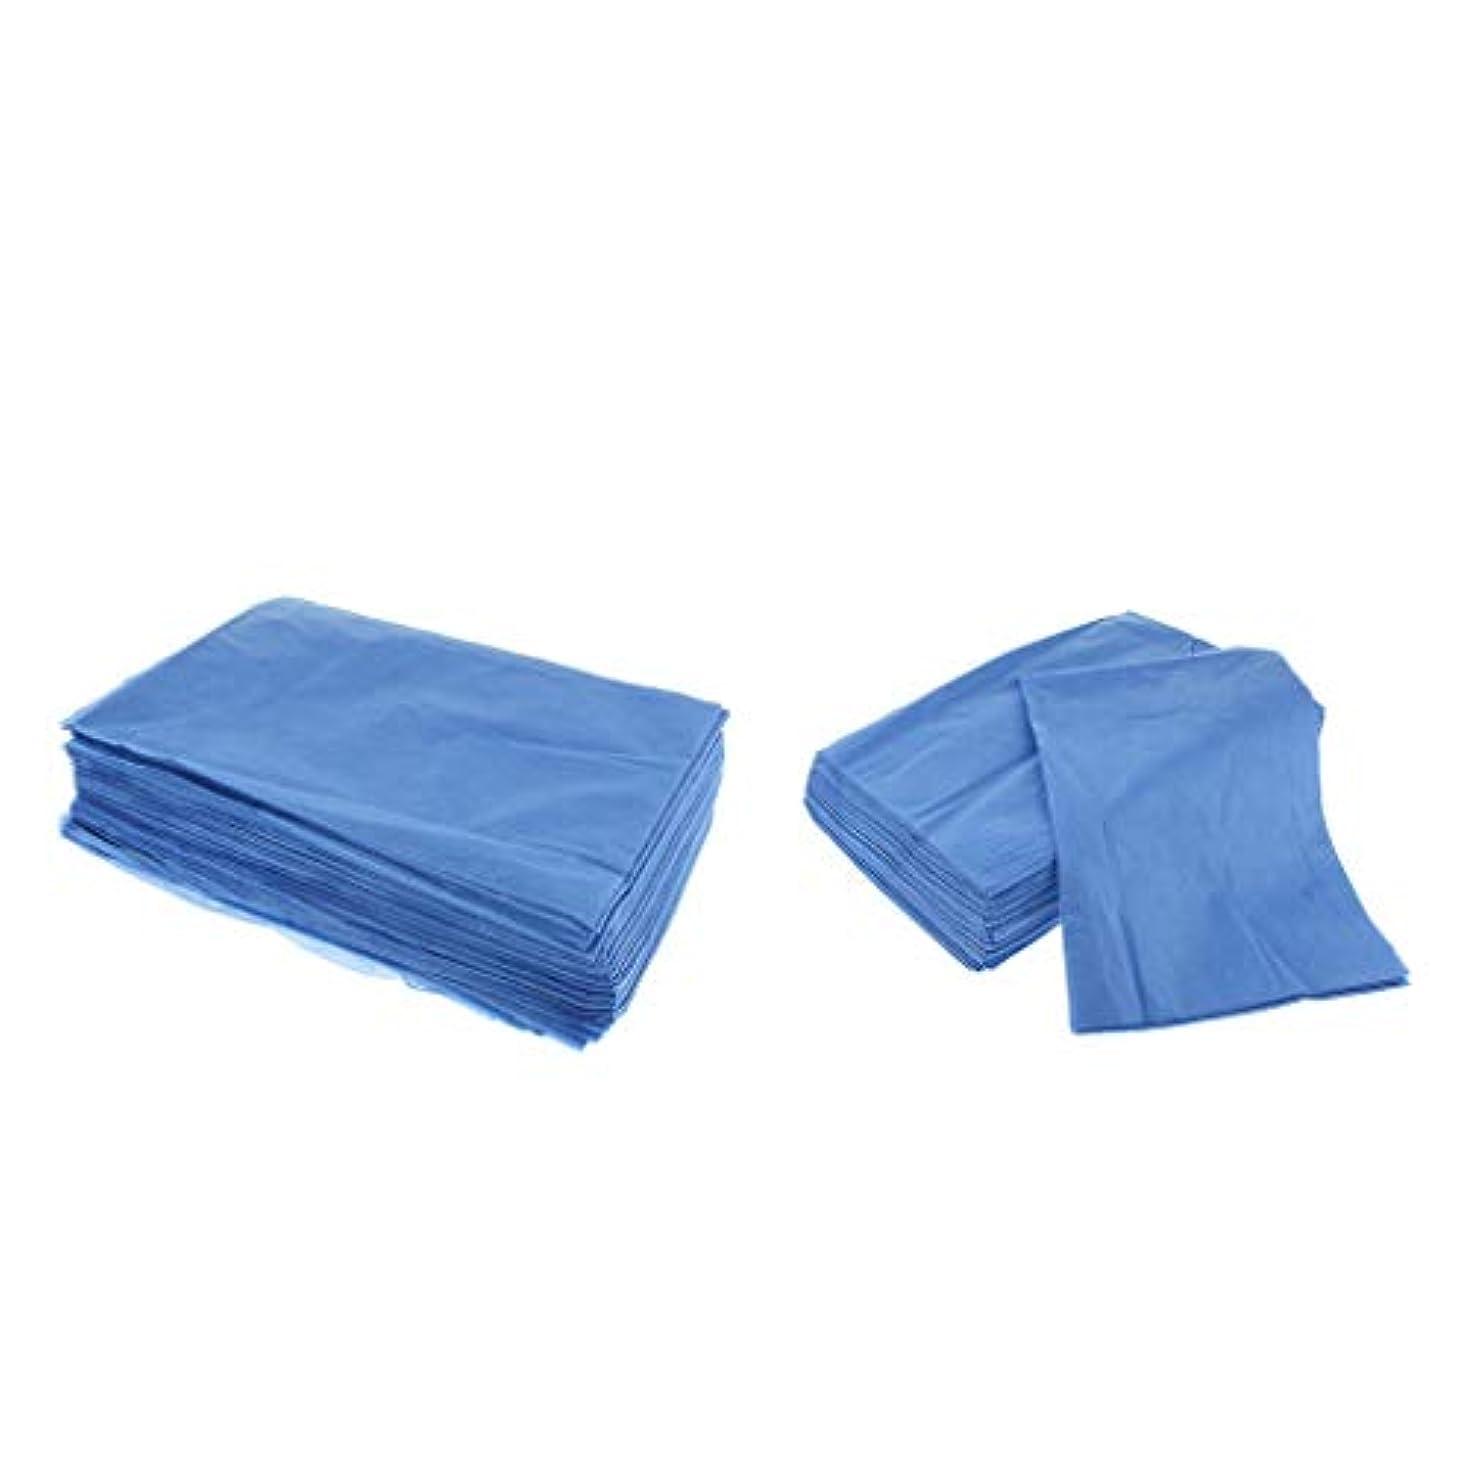 一般的な原点誕生日40ピース/個不織布使い捨てシーツ180x80cmマッサージテーブルシート、スパフェイシャルワックスタトゥーチェアカバーシート防水